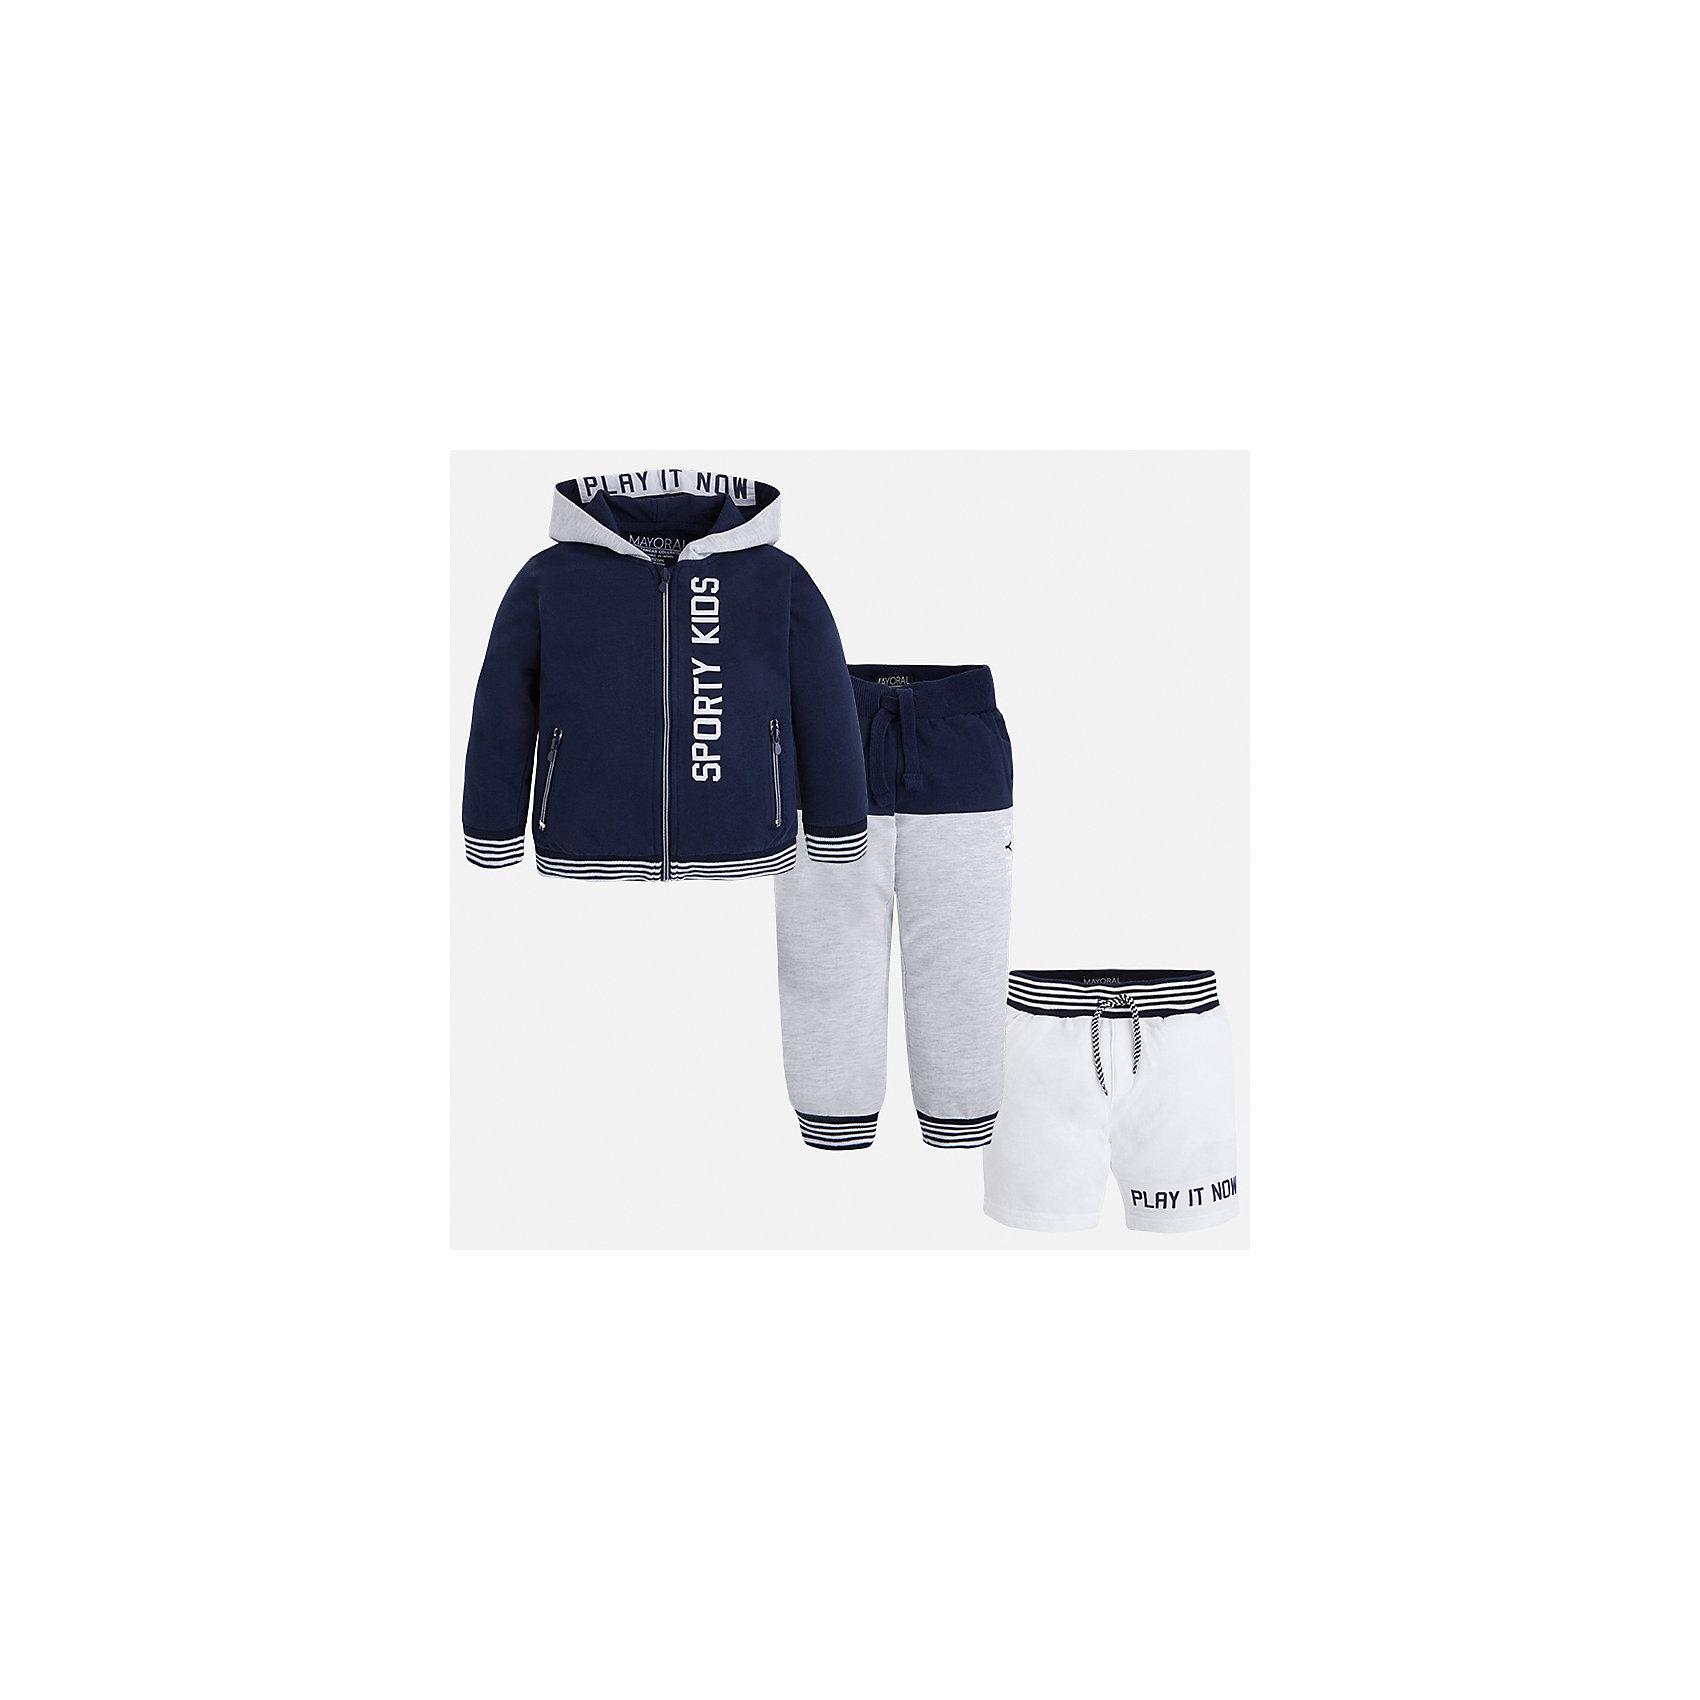 Спортивный костюм для мальчика MayoralСпортивная форма<br>Характеристики товара:<br><br>• цвет: синий/серый<br>• состав: 60% хлопок, 40% полиэстер<br>• комплектация: курточка, штаны, шорты<br>• декорирован принтом<br>• карманы<br>• капюшон<br>• штаны, шорты - пояс на шнурке<br>• манжеты<br>• страна бренда: Испания<br><br>Стильный качественный спортивный костюм для мальчика поможет разнообразить гардероб ребенка и удобно одеться. Курточка, шорты и штаны отлично сочетаются с другими предметами. Универсальный цвет позволяет подобрать к вещам верхнюю одежду практически любой расцветки. Интересная отделка модели делает её нарядной и оригинальной. В составе материала - натуральный хлопок, гипоаллергенный, приятный на ощупь, дышащий.<br><br>Одежда, обувь и аксессуары от испанского бренда Mayoral полюбились детям и взрослым по всему миру. Модели этой марки - стильные и удобные. Для их производства используются только безопасные, качественные материалы и фурнитура. Порадуйте ребенка модными и красивыми вещами от Mayoral! <br><br>Спортивный костюм для мальчика от испанского бренда Mayoral (Майорал) можно купить в нашем интернет-магазине.<br><br>Ширина мм: 247<br>Глубина мм: 16<br>Высота мм: 140<br>Вес г: 225<br>Цвет: синий<br>Возраст от месяцев: 84<br>Возраст до месяцев: 96<br>Пол: Мужской<br>Возраст: Детский<br>Размер: 128,134,122,116<br>SKU: 5281225